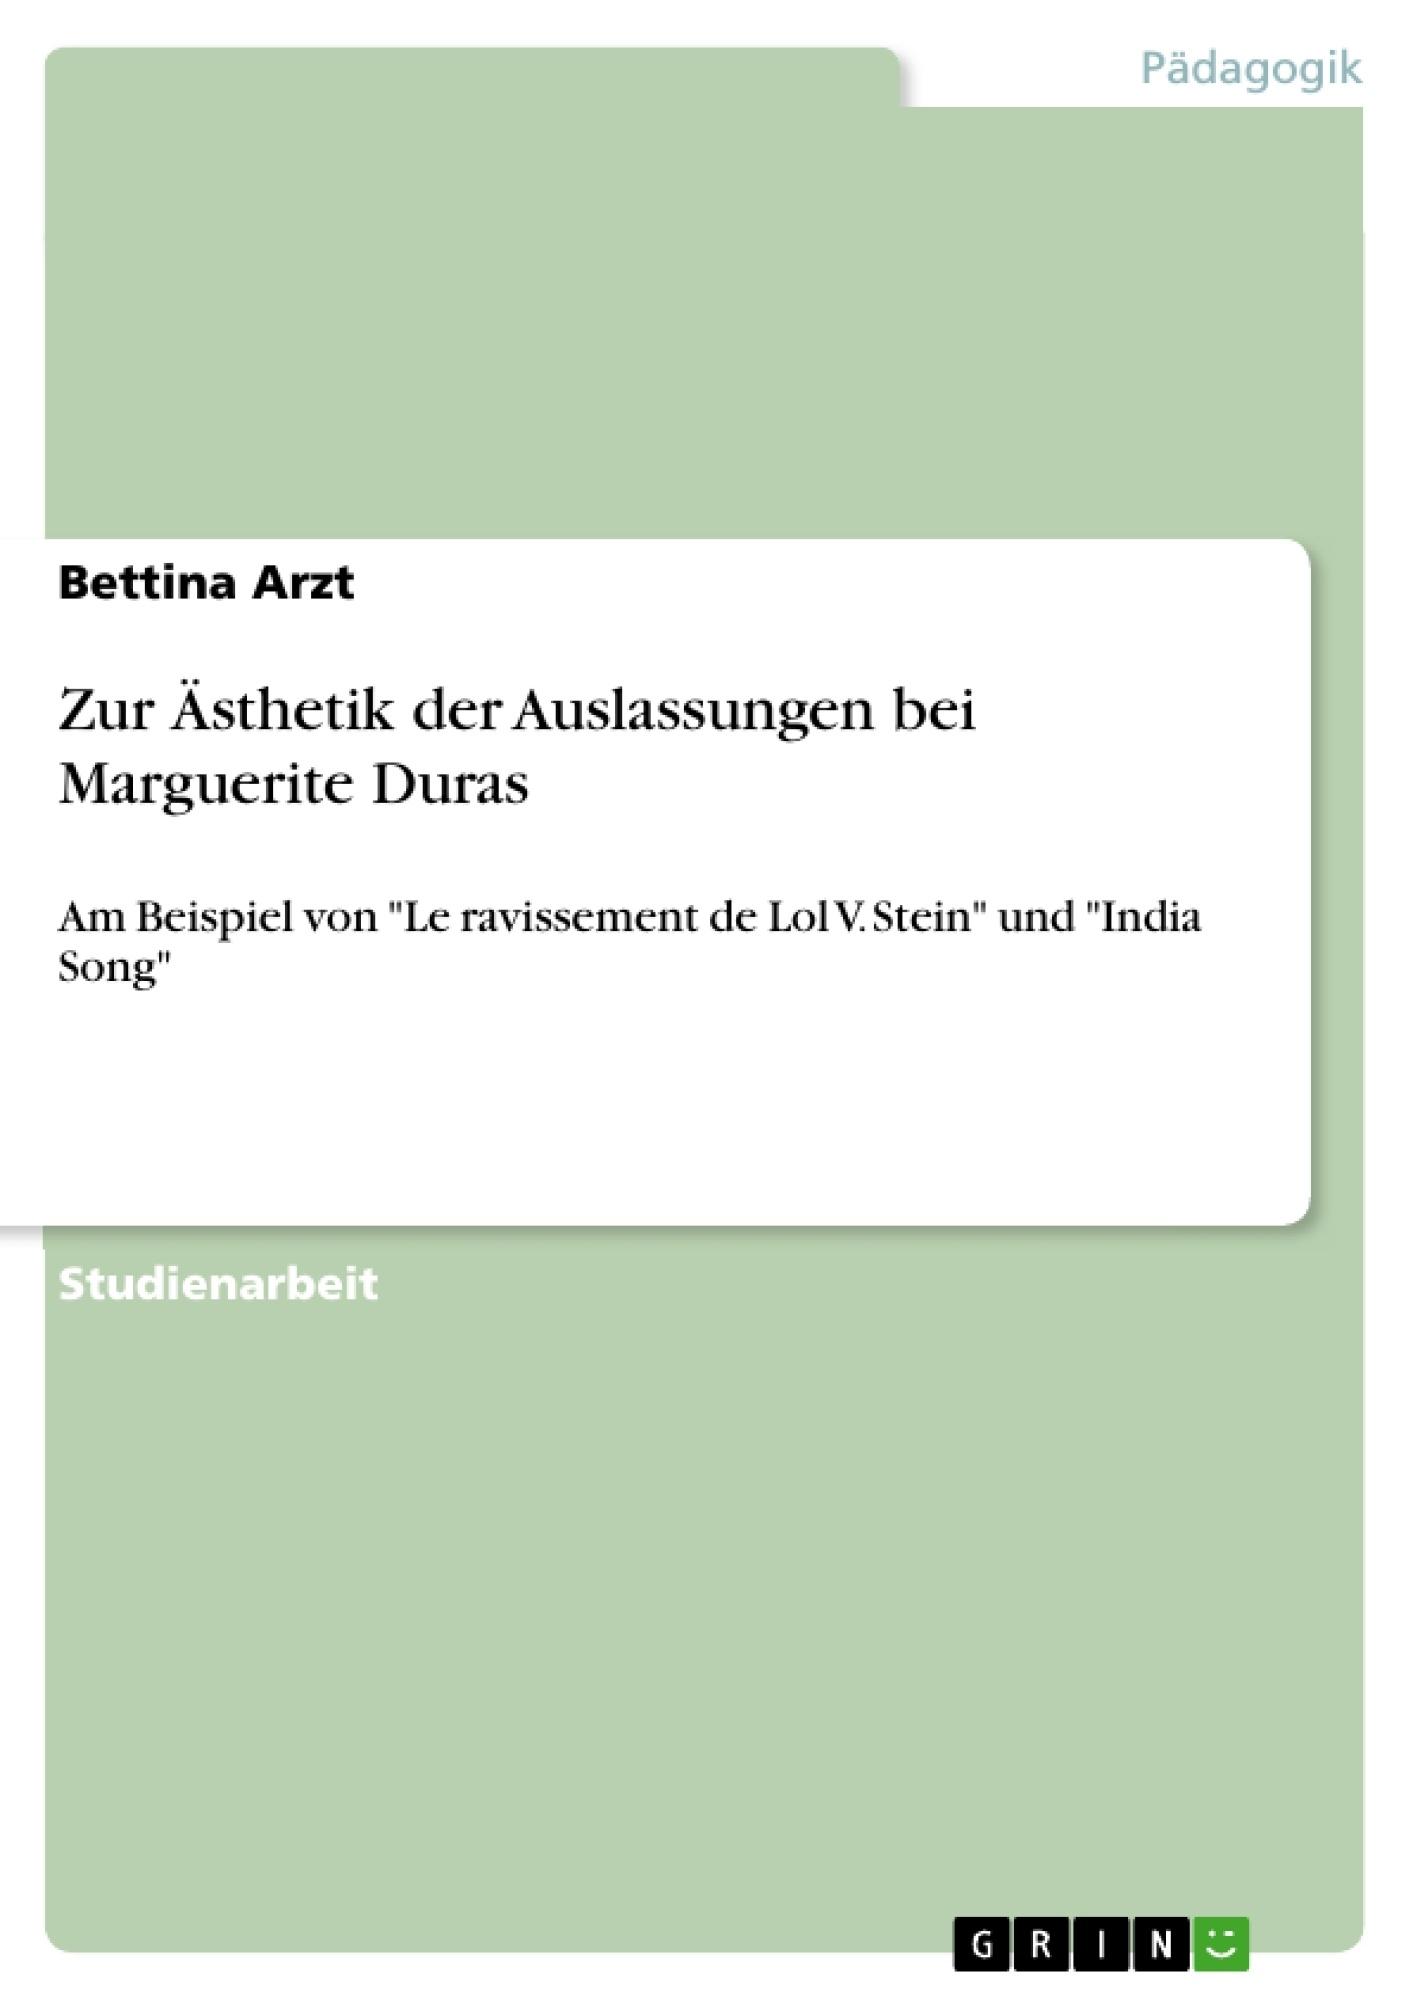 Titel: Zur Ästhetik der Auslassungen bei Marguerite Duras